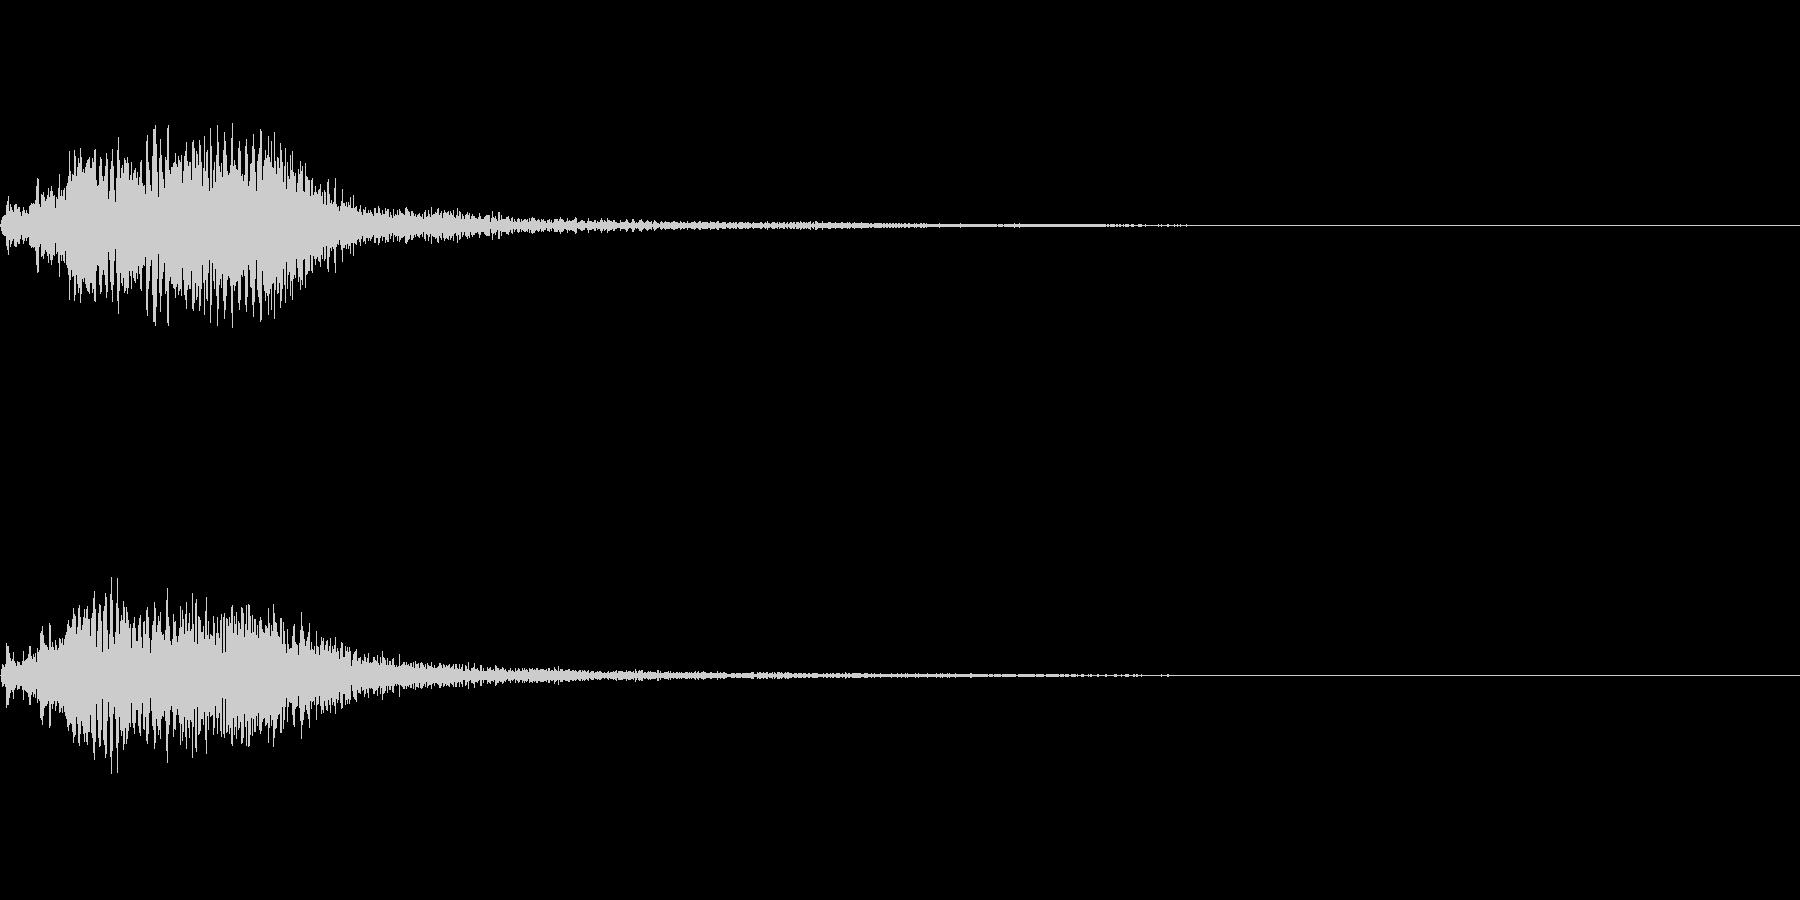 効果音 ホラー その1の未再生の波形